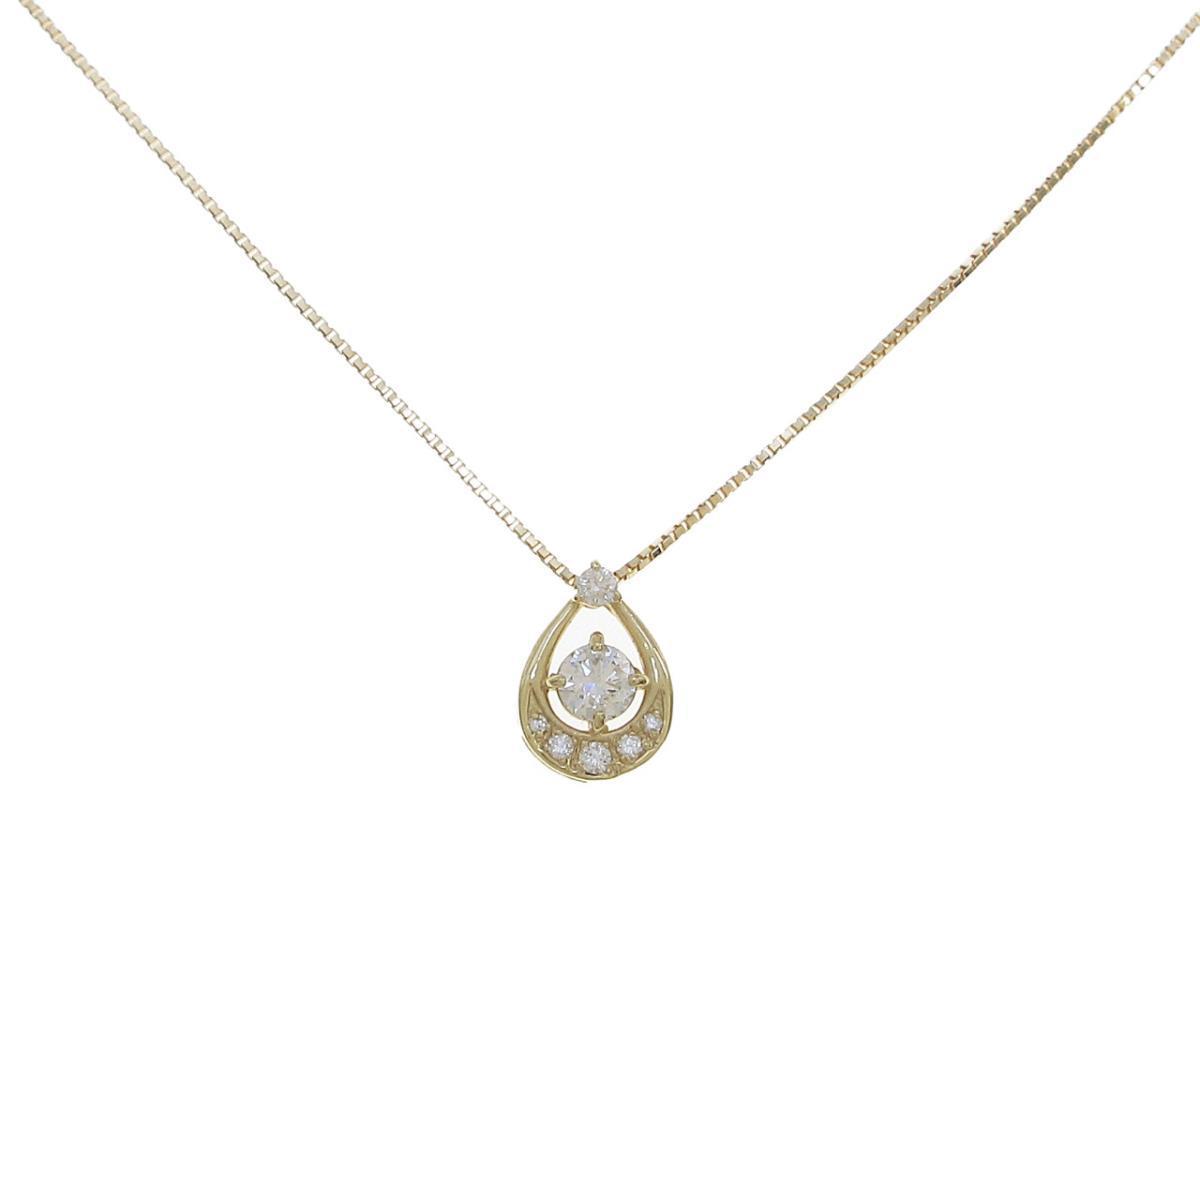 【新品】K18YG ダイヤモンドネックレス 0.212ct・H・SI2・GOOD【新品】